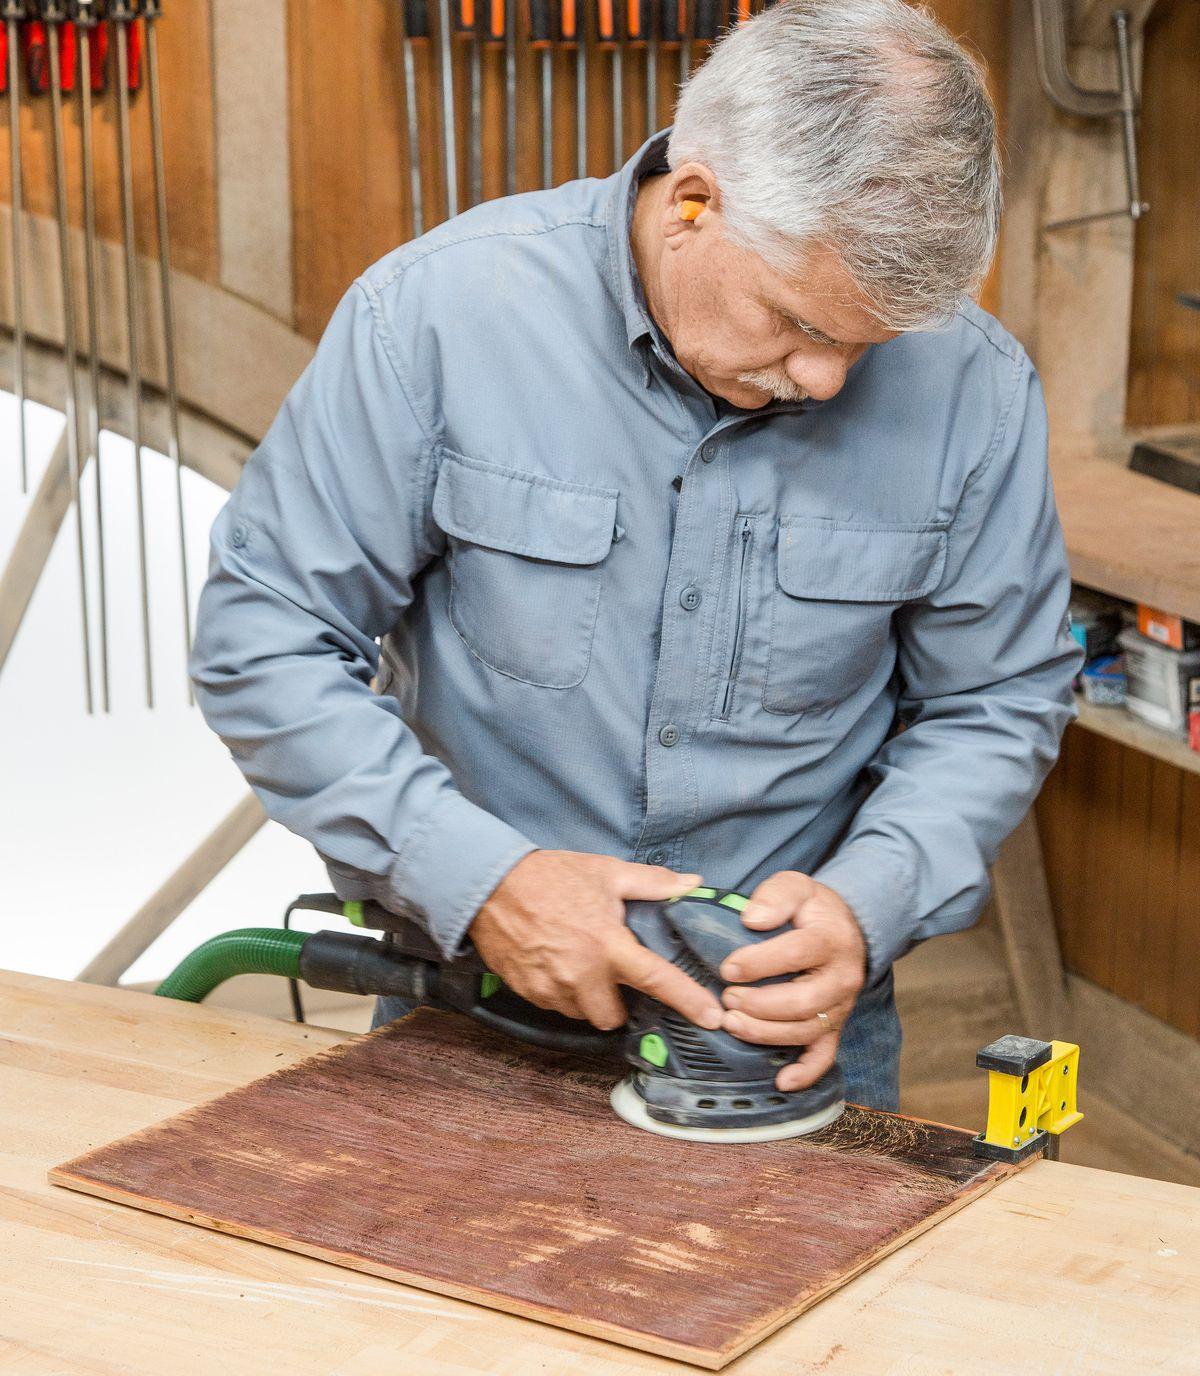 Pessoa usando uma lixadeira orbital aleatória na peça de madeira que formará a parte de trás de uma caixa de sombra.